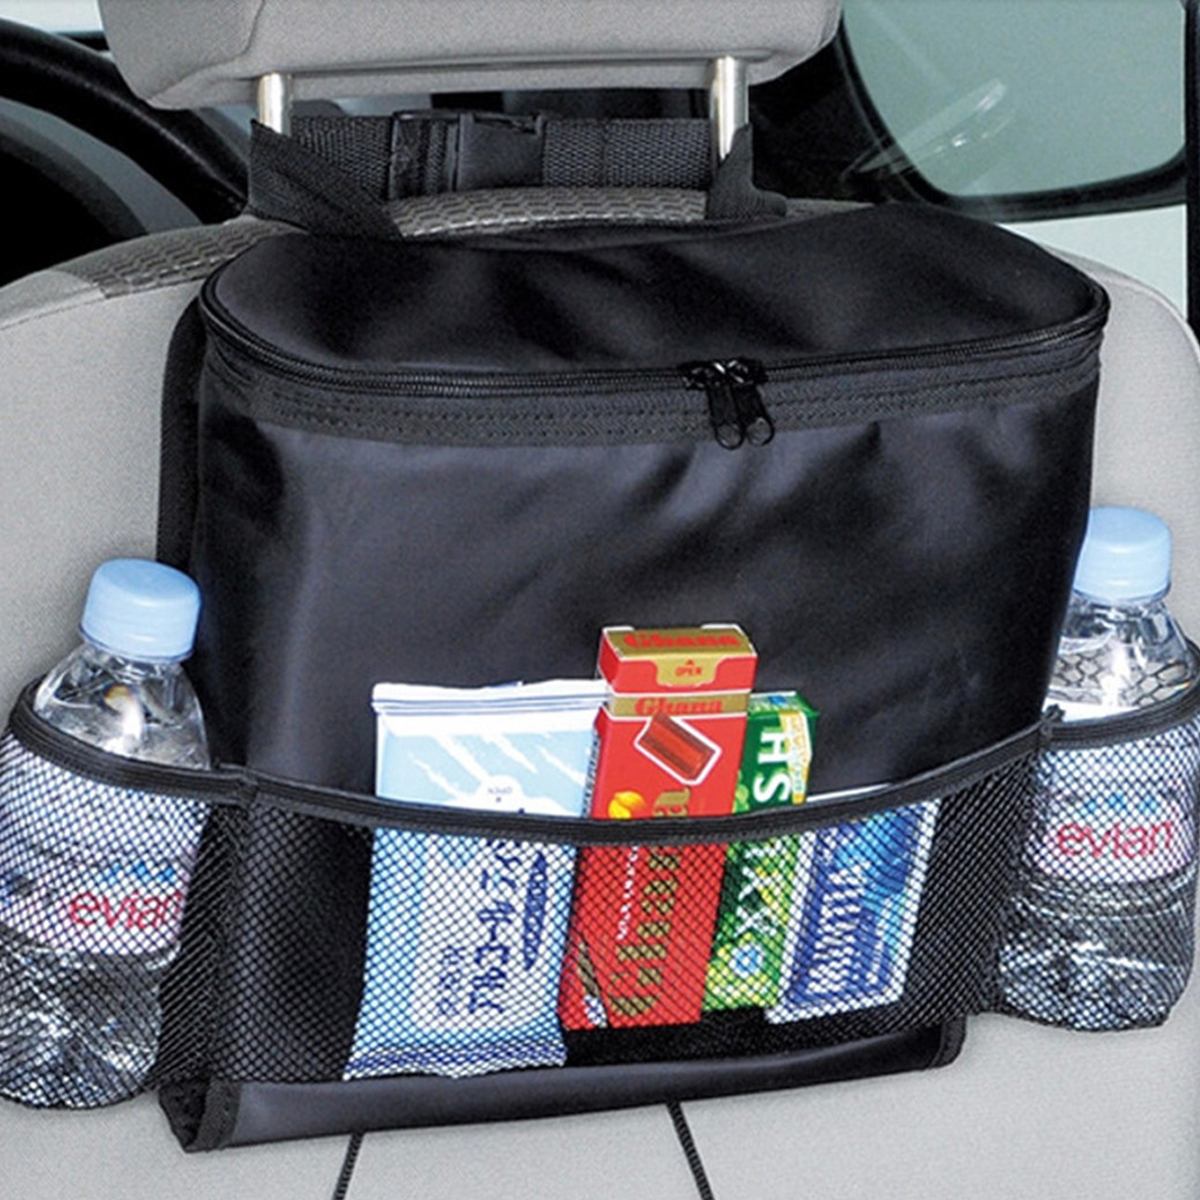 car back seat organizer multi pocket storage bag travel. Black Bedroom Furniture Sets. Home Design Ideas